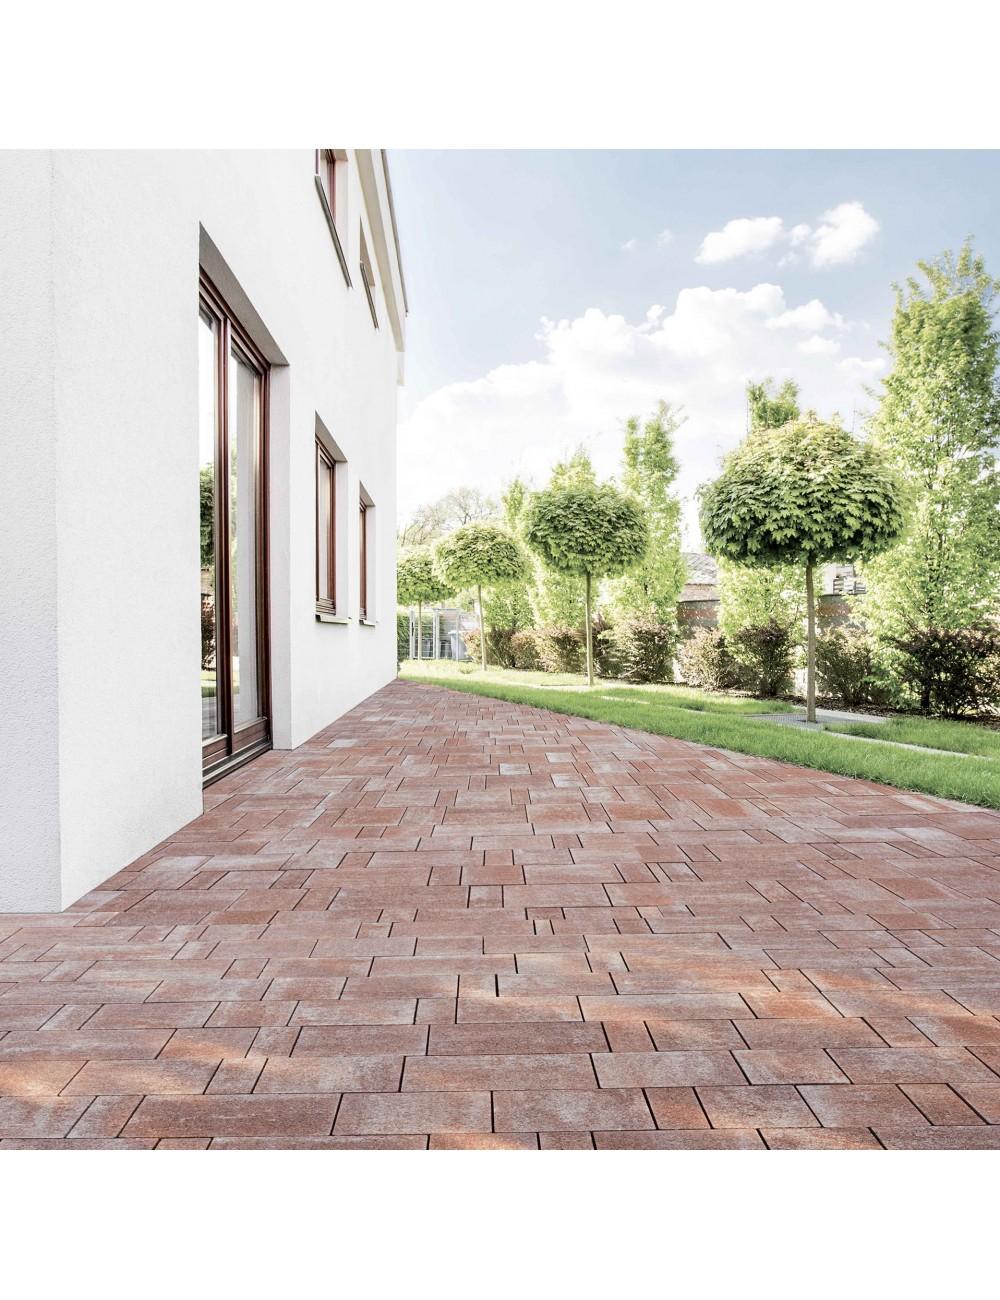 Vialetto di casa con pavimento di autobloccanti filtranti Maspe  texxa rosso alicante